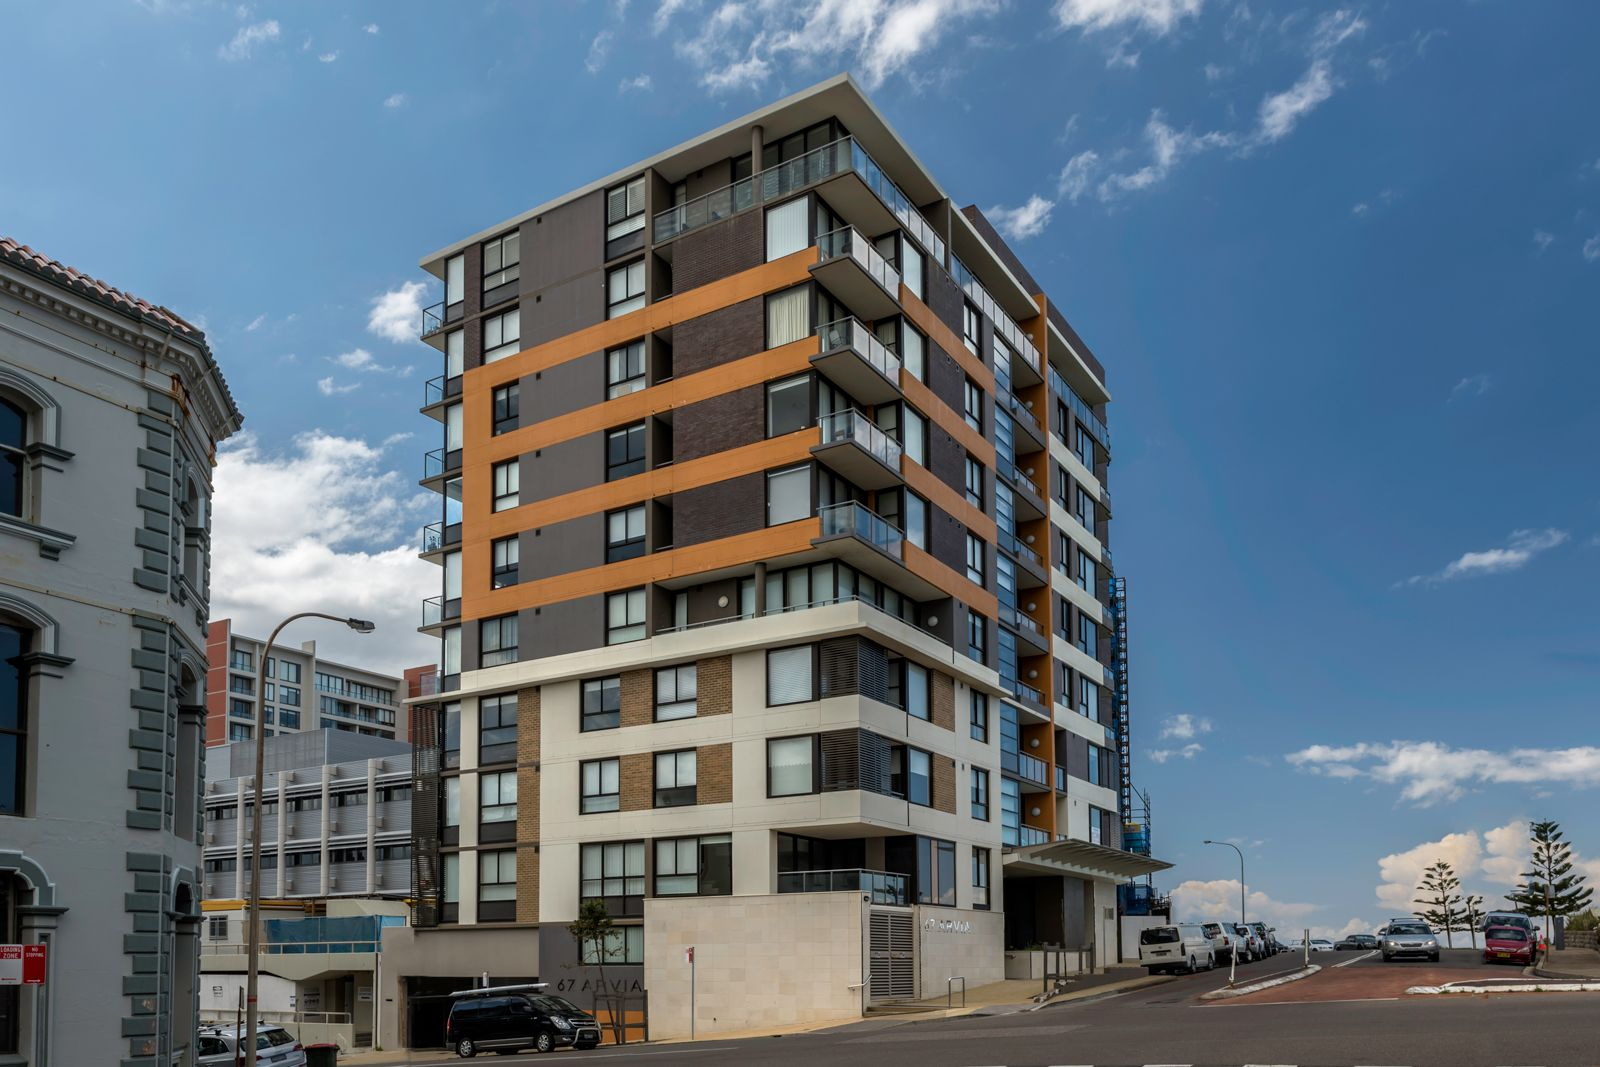 Level 4/401/67 Watt Street, Newcastle